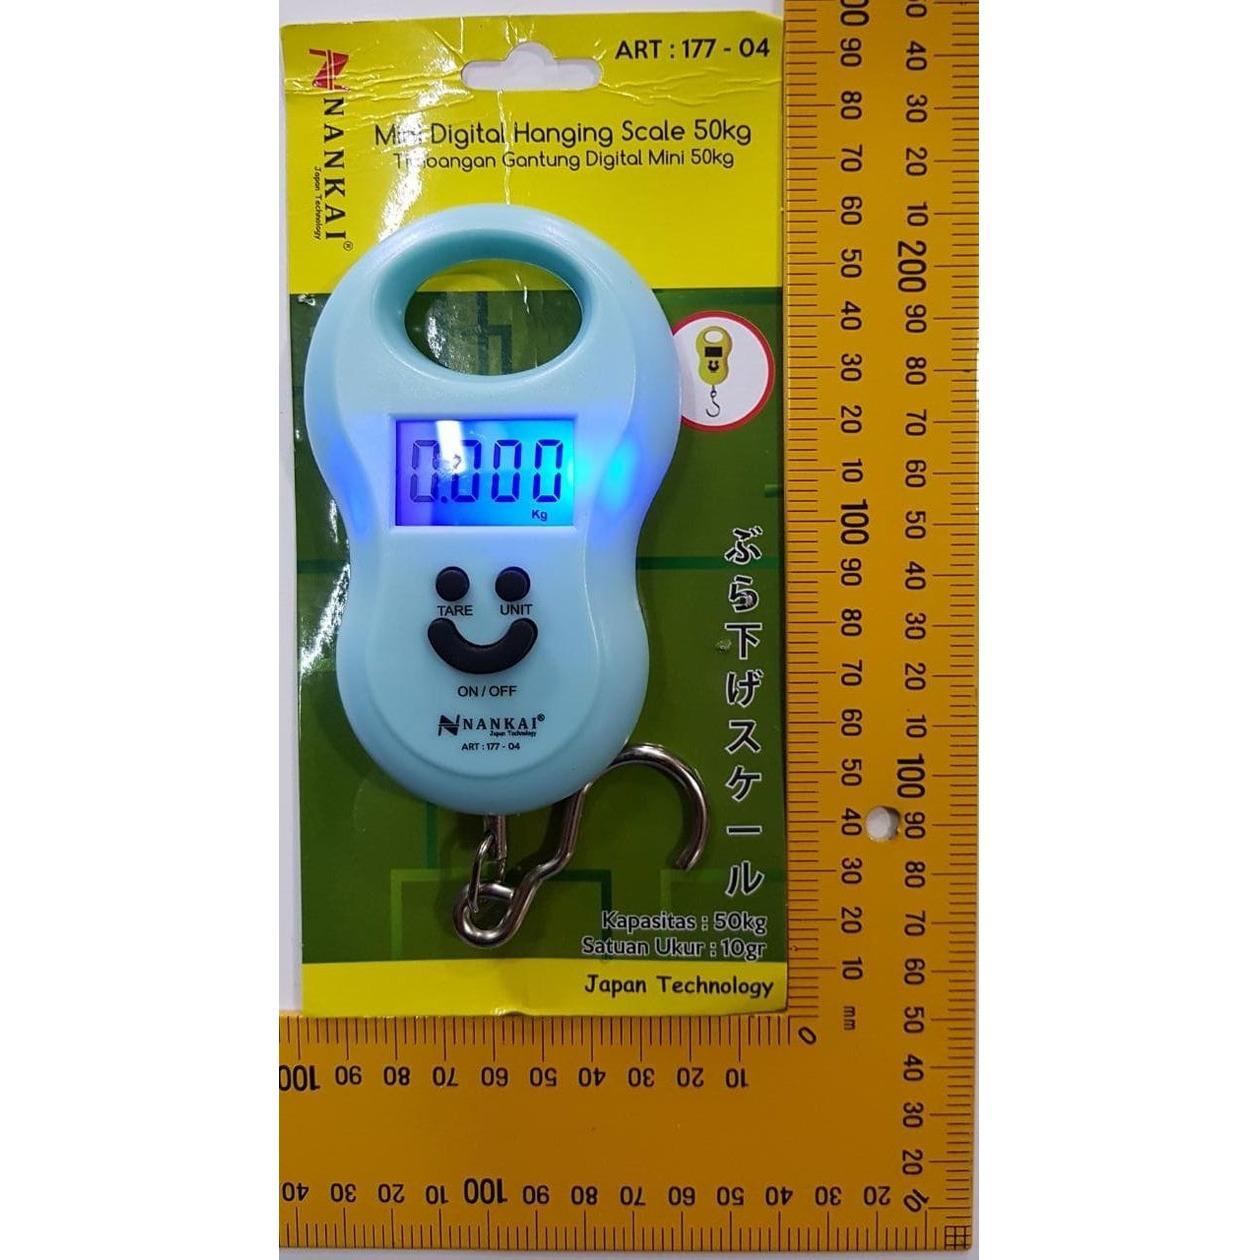 Kehebatan Timbangan Gantung Digital Elektrik 50 Kg Dan Harga Update Japan Mini Portable Electronic Scale